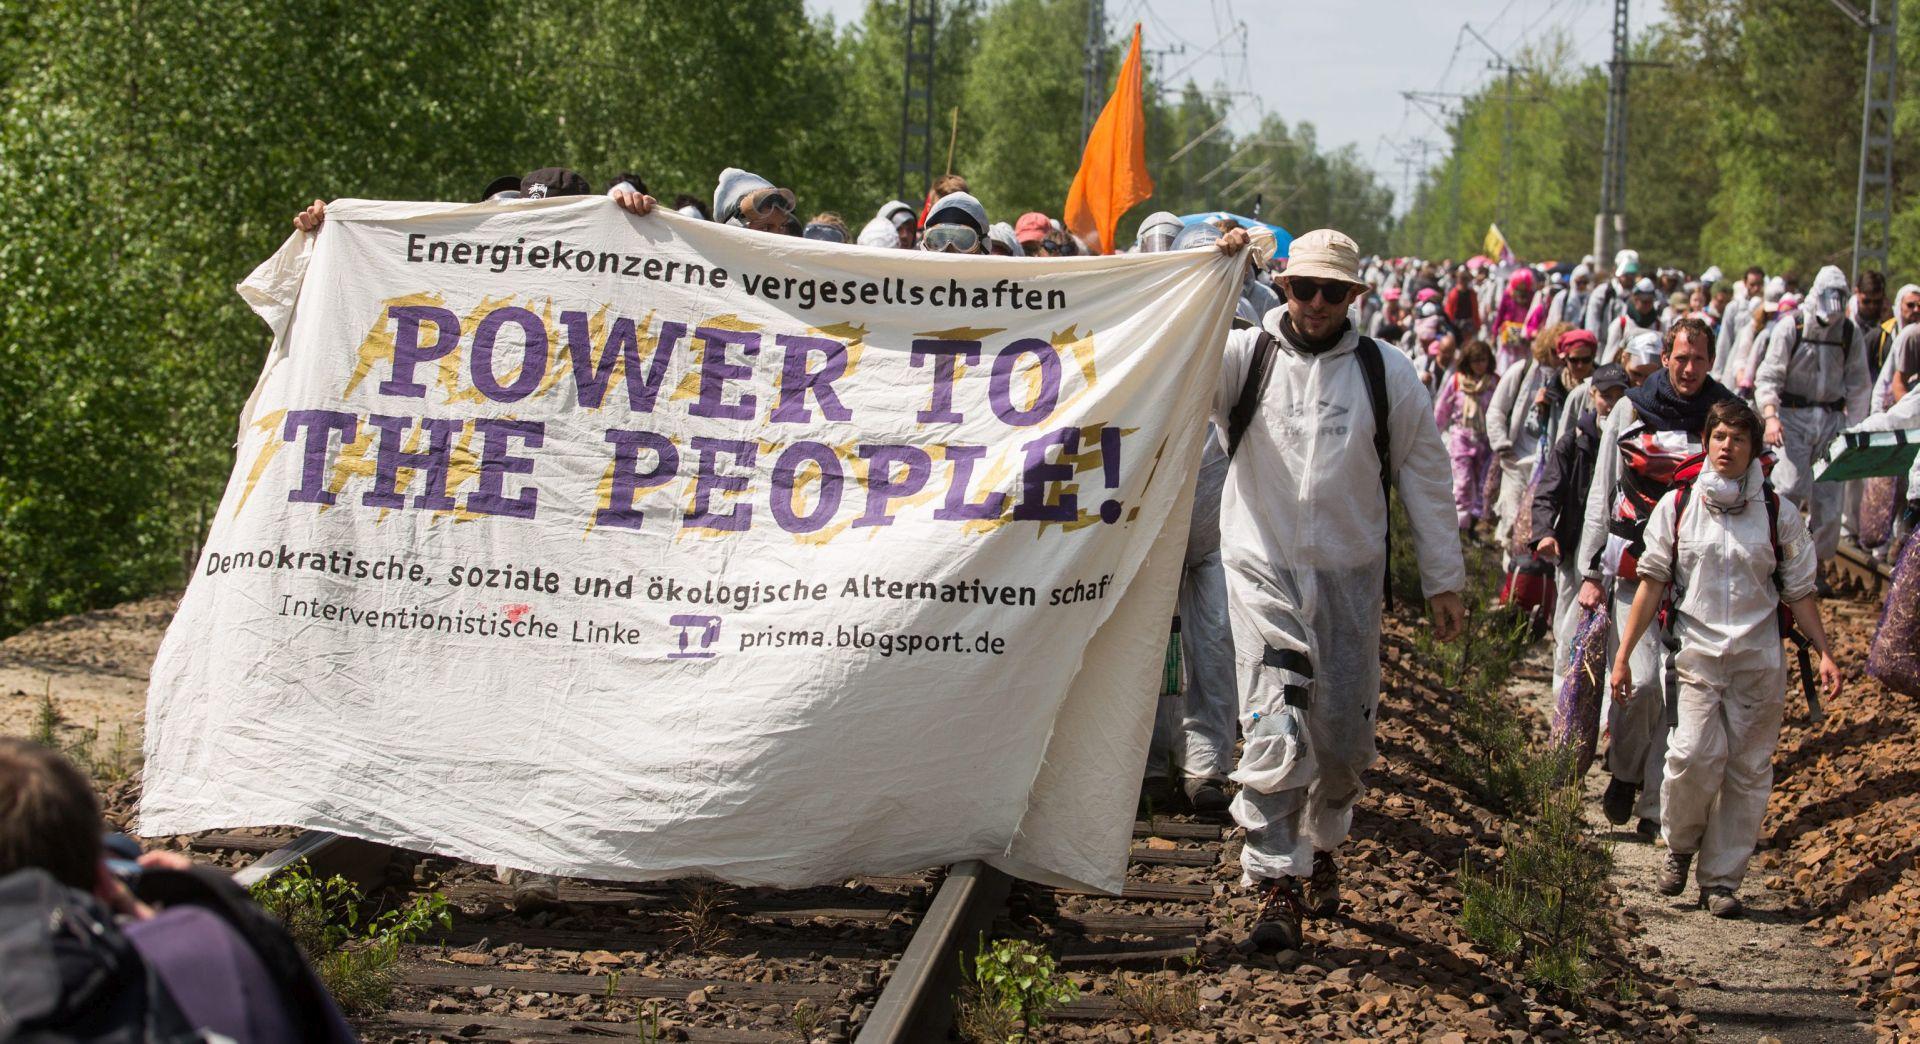 Njemačka: Deseci uhićenih na prosvjedu protiv korištenja ugljena